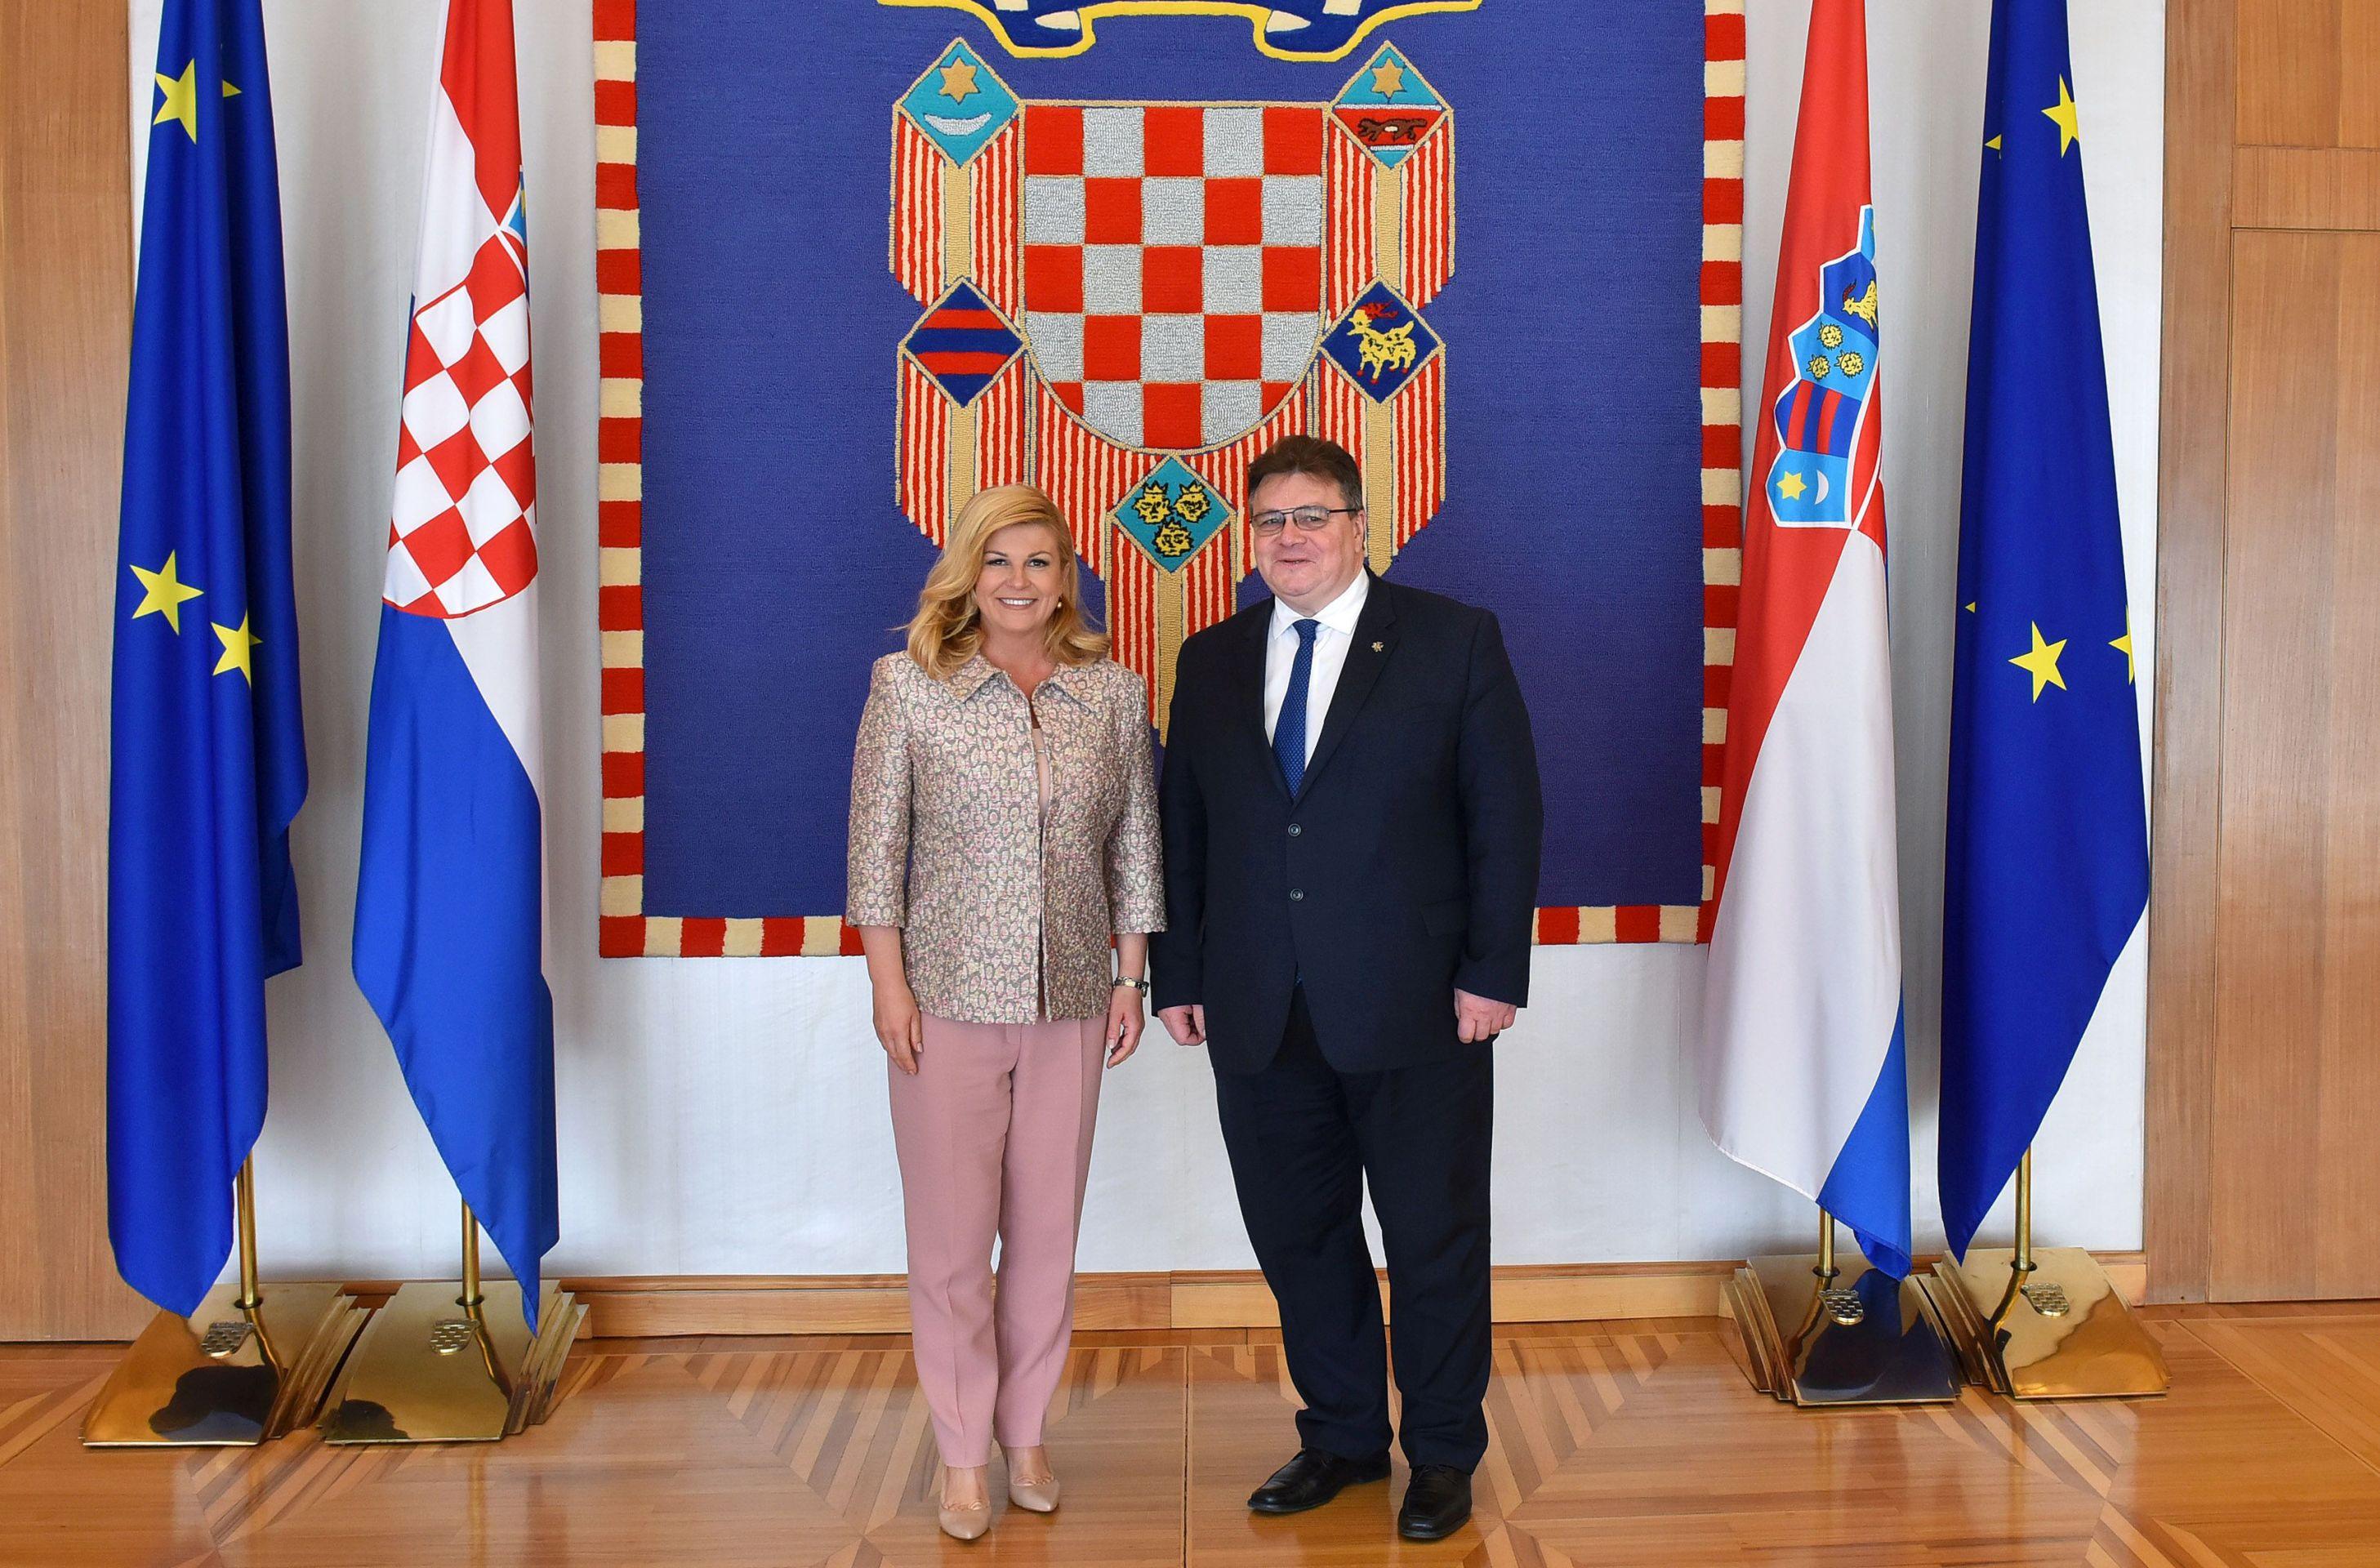 Predsjednica primila litavskog ministra vanjskih poslova